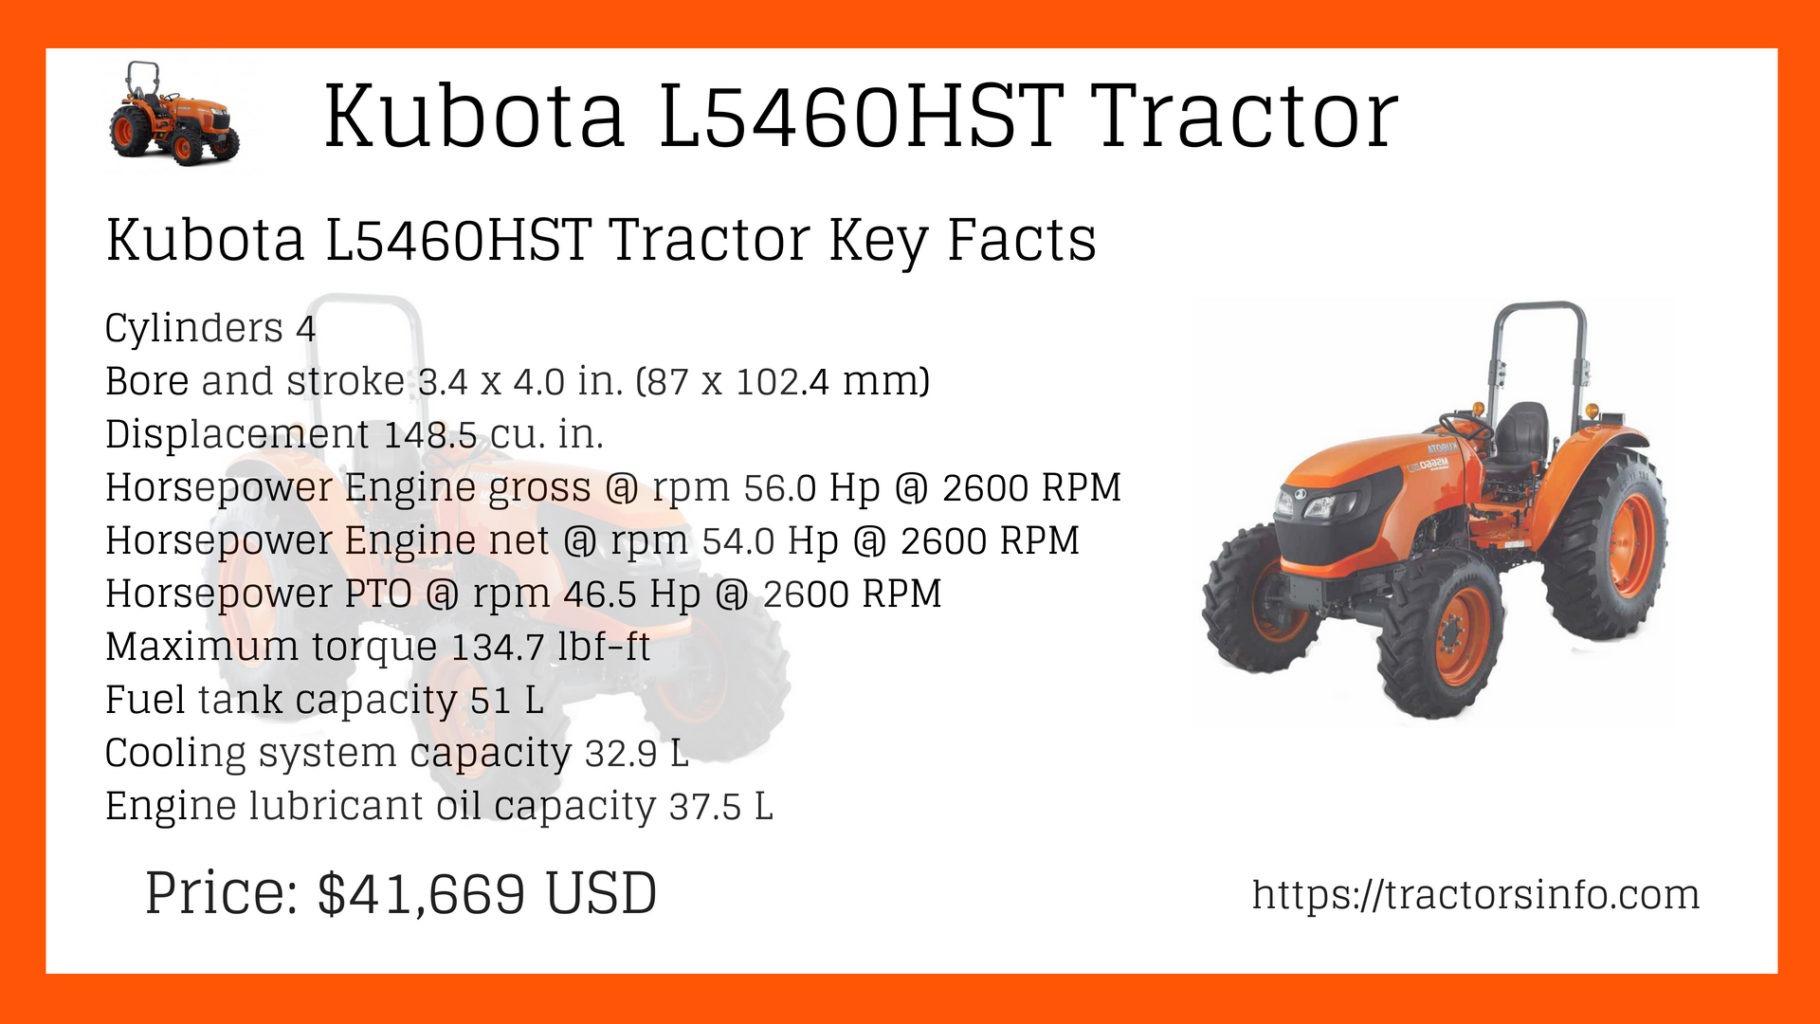 Kubota L5060, L5460, L6060 Tractors Price List, Key features